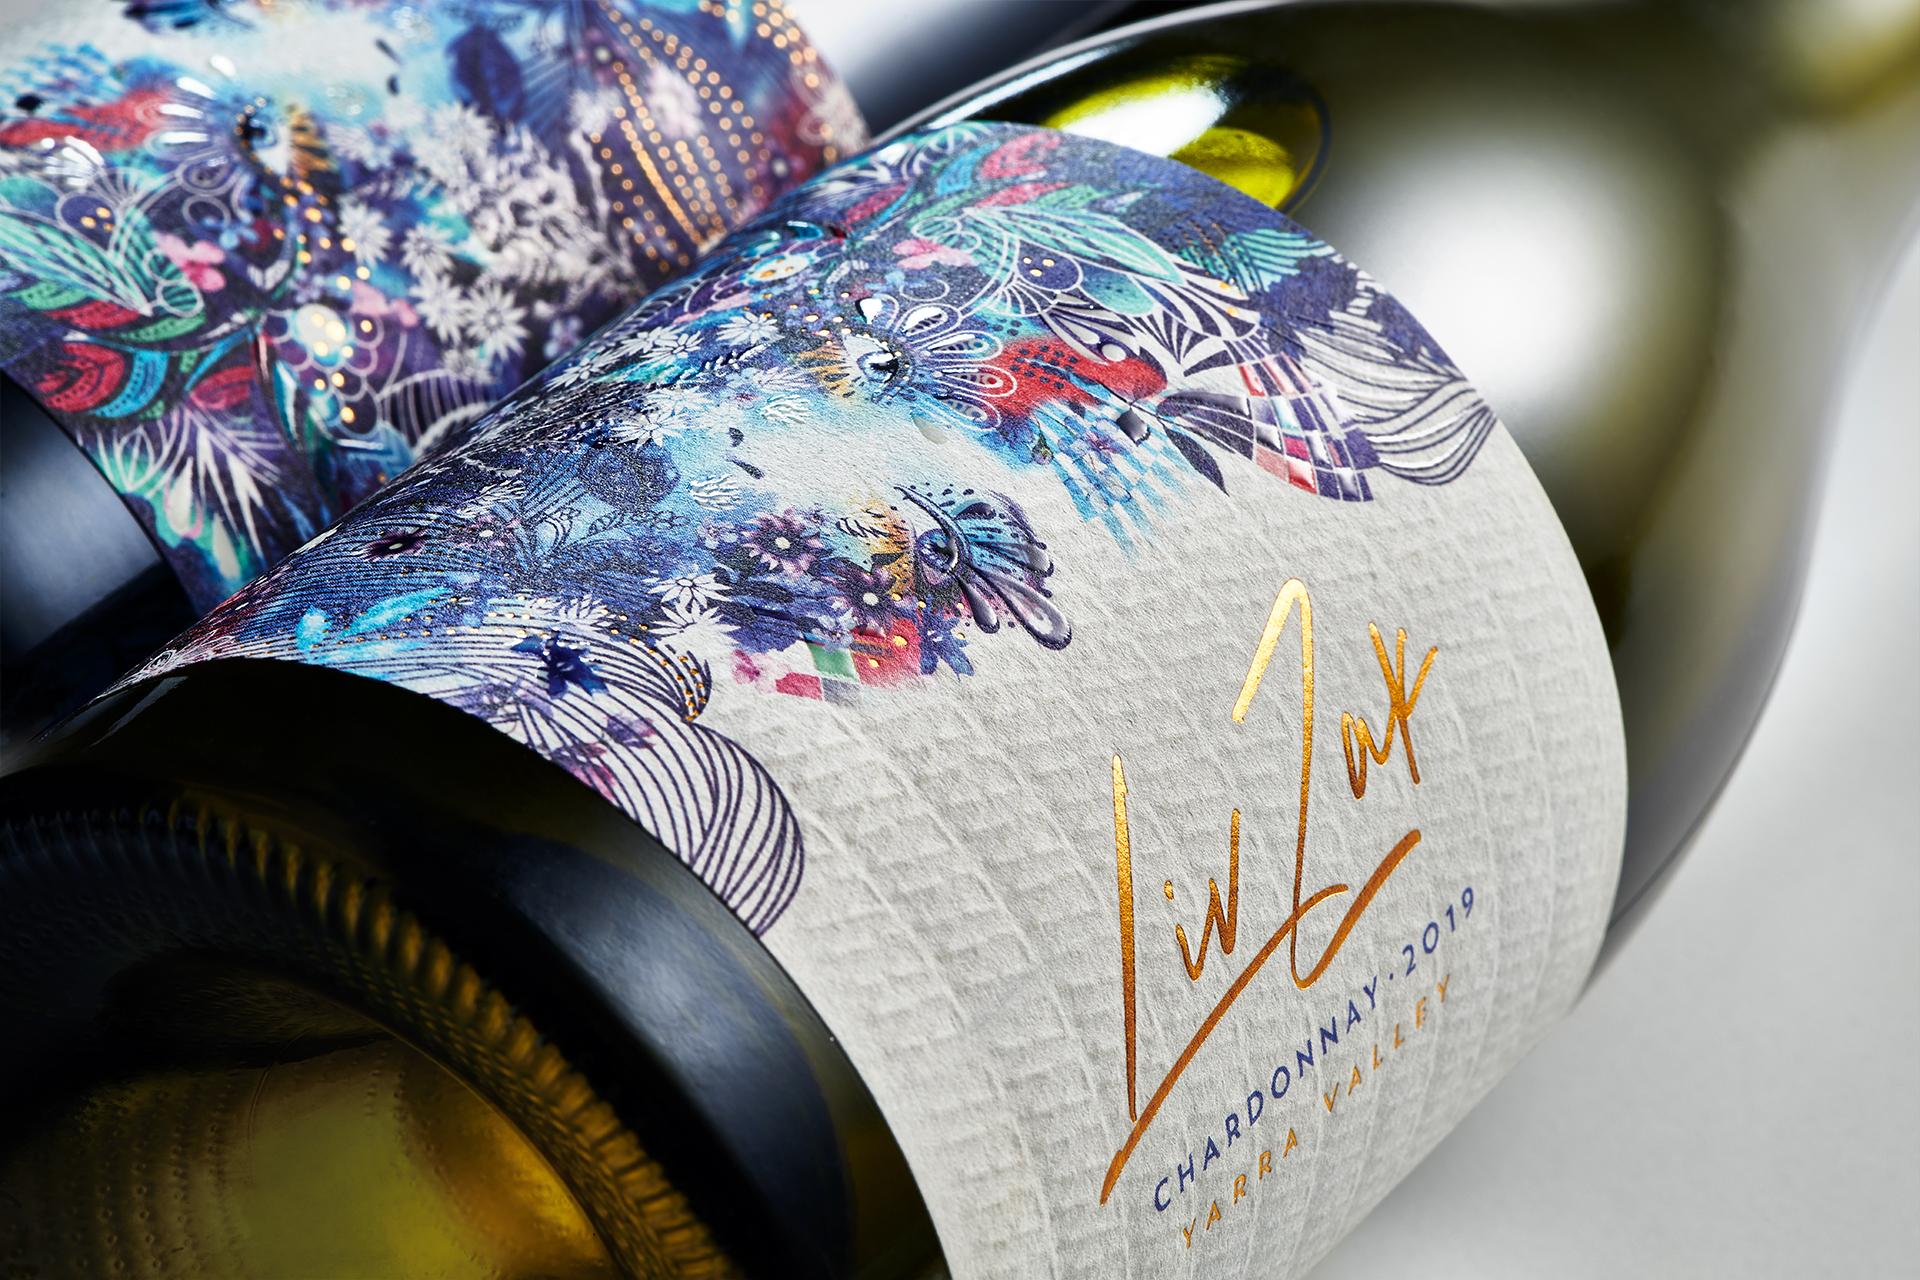 Vibrant and Expressive Liv Zak Wine Labels